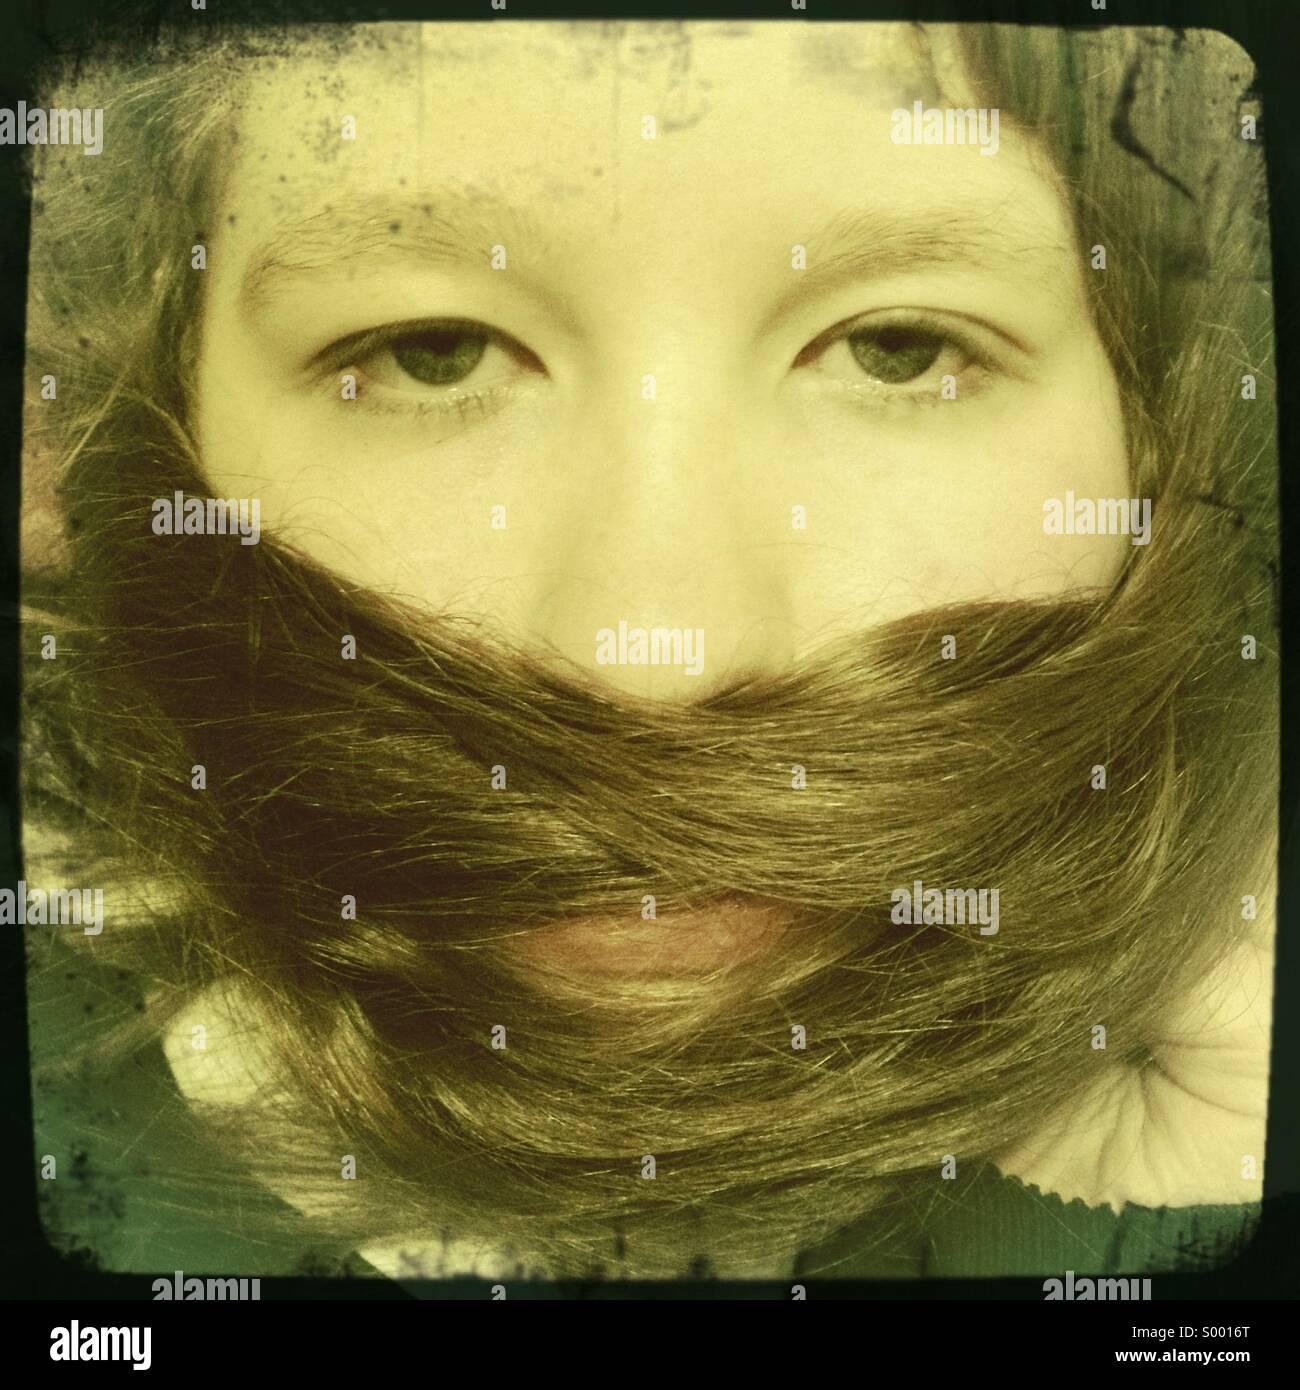 Fake Beard - Stock Image